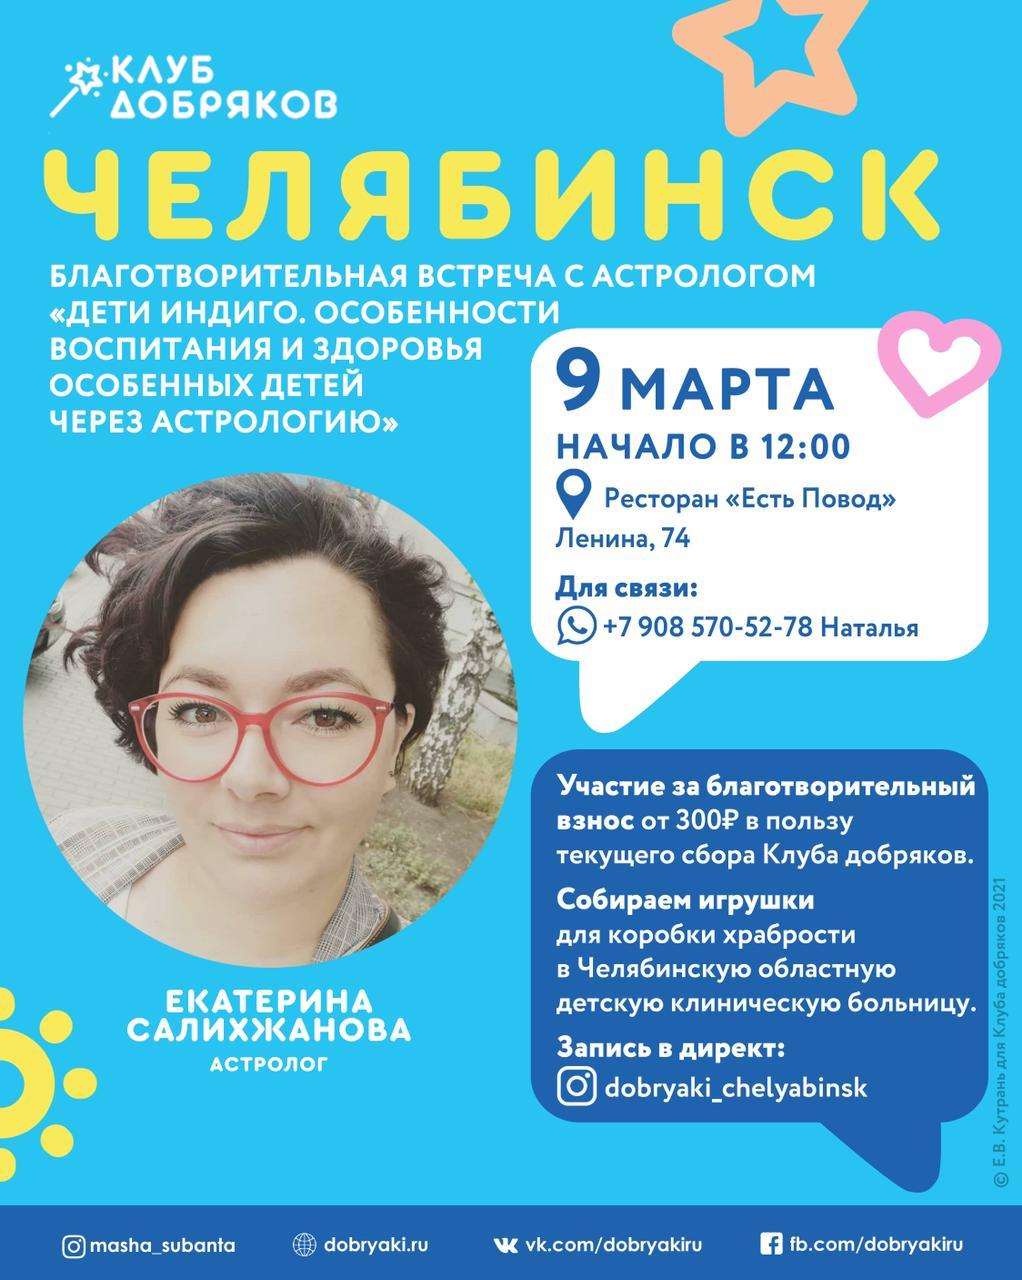 В Челябинске пройдет благовстреча с астрологом